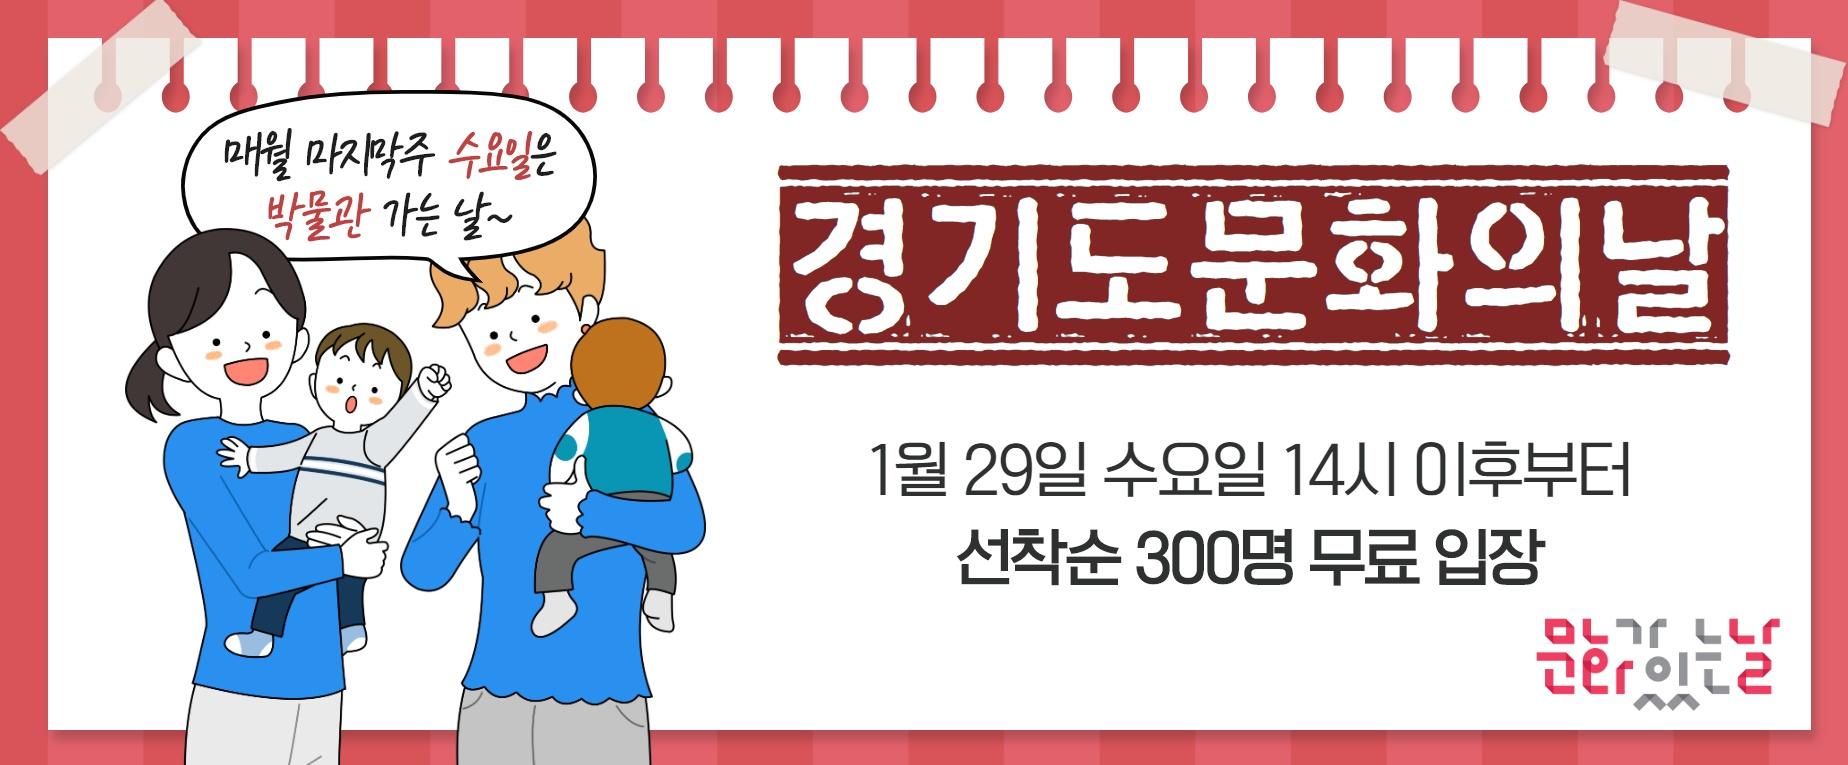 1월 경기도 문화의 날.jpg